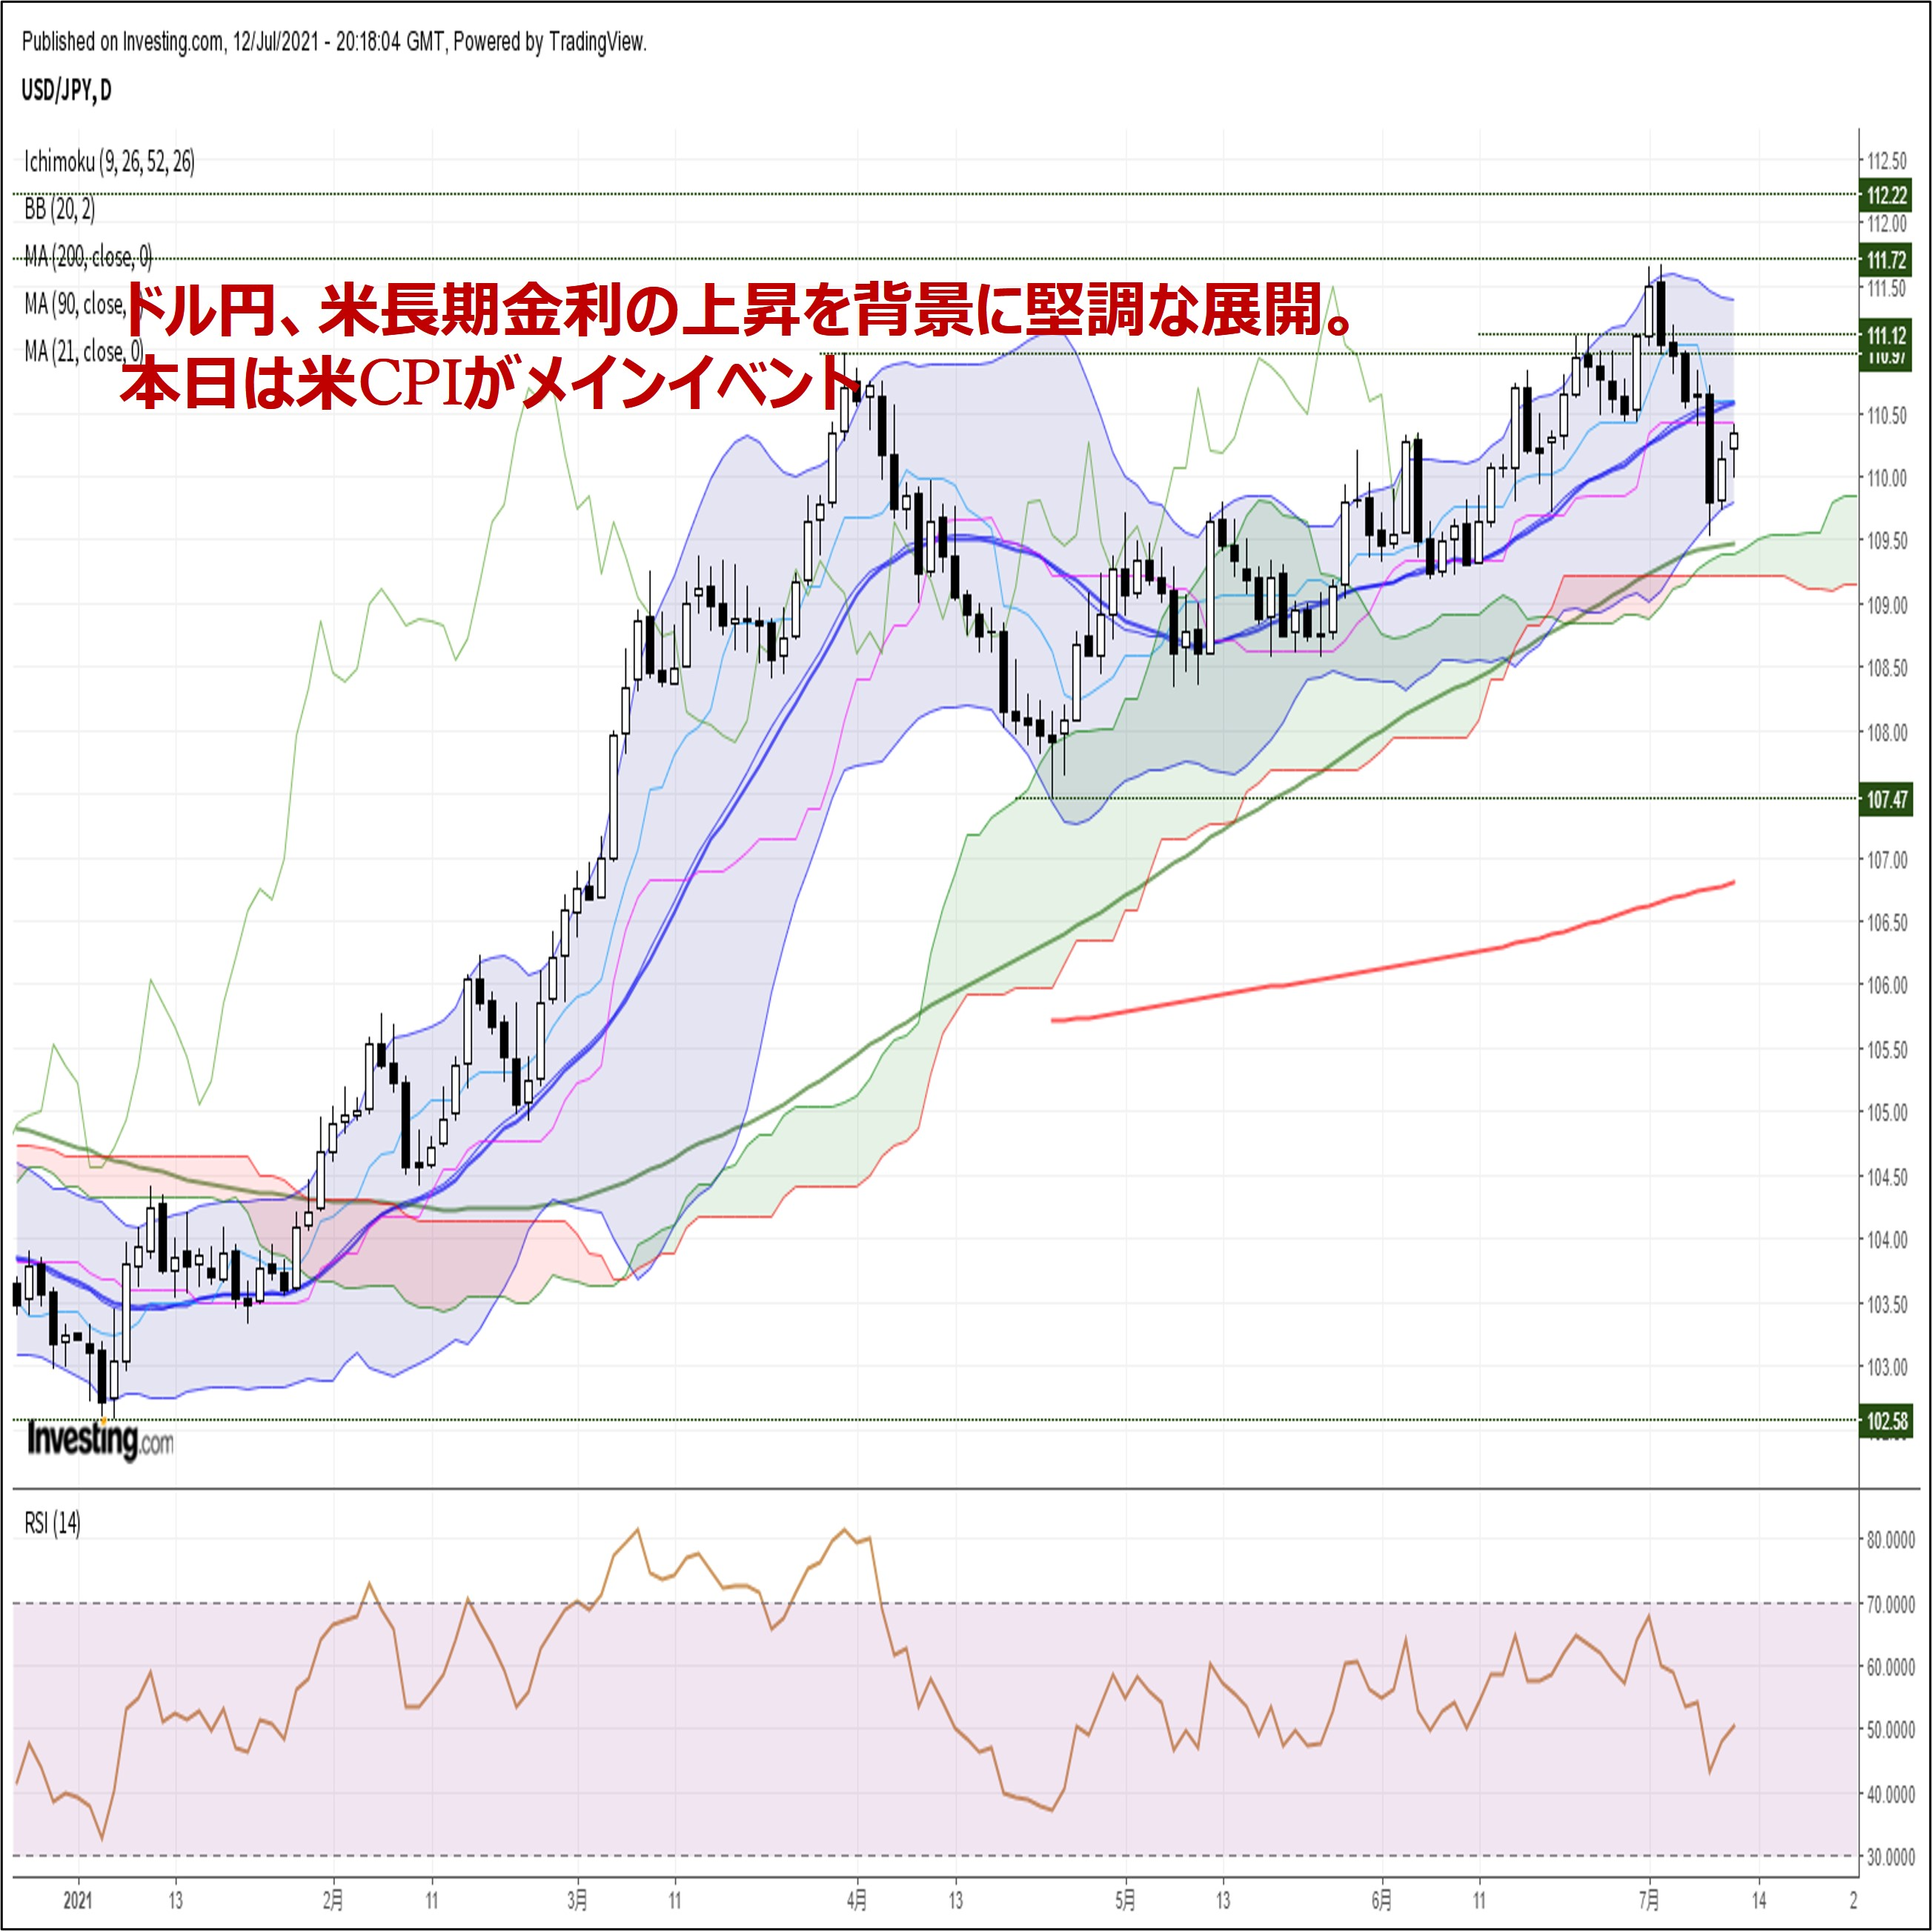 ドル円、米長期金利の上昇を背景に堅調な展開。本日は米CPIがメインイベント(7/13朝)